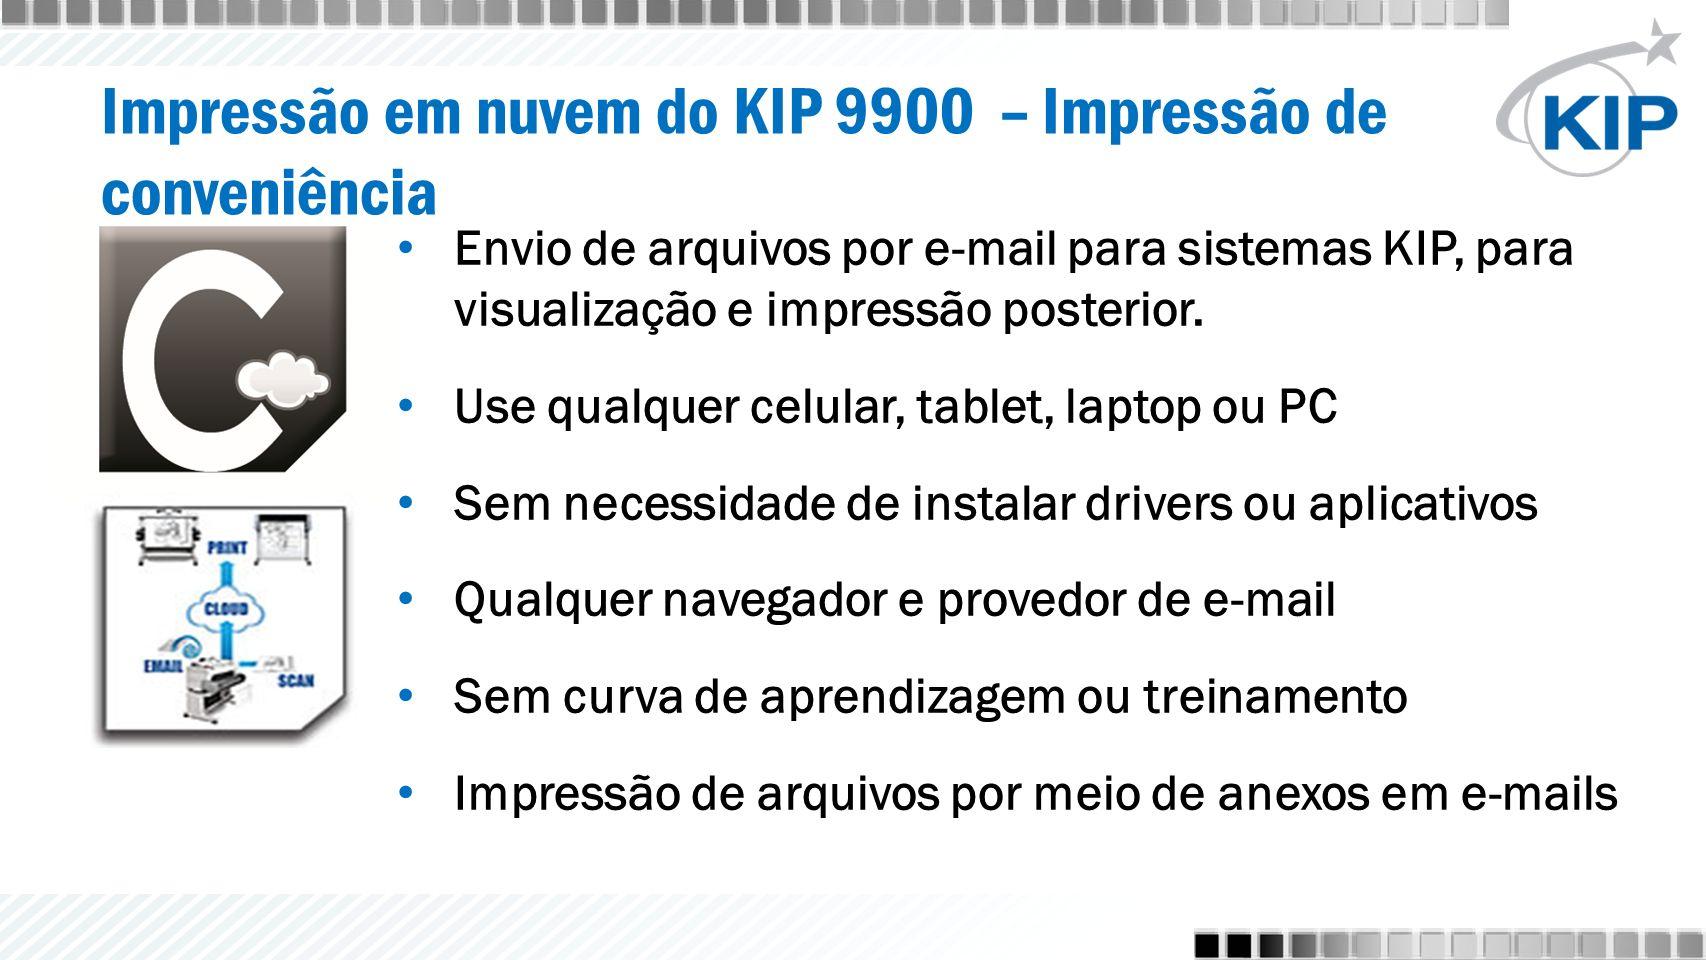 Impressão em nuvem do KIP 9900 – Impressão de conveniência Envio de arquivos por e-mail para sistemas KIP, para visualização e impressão posterior.